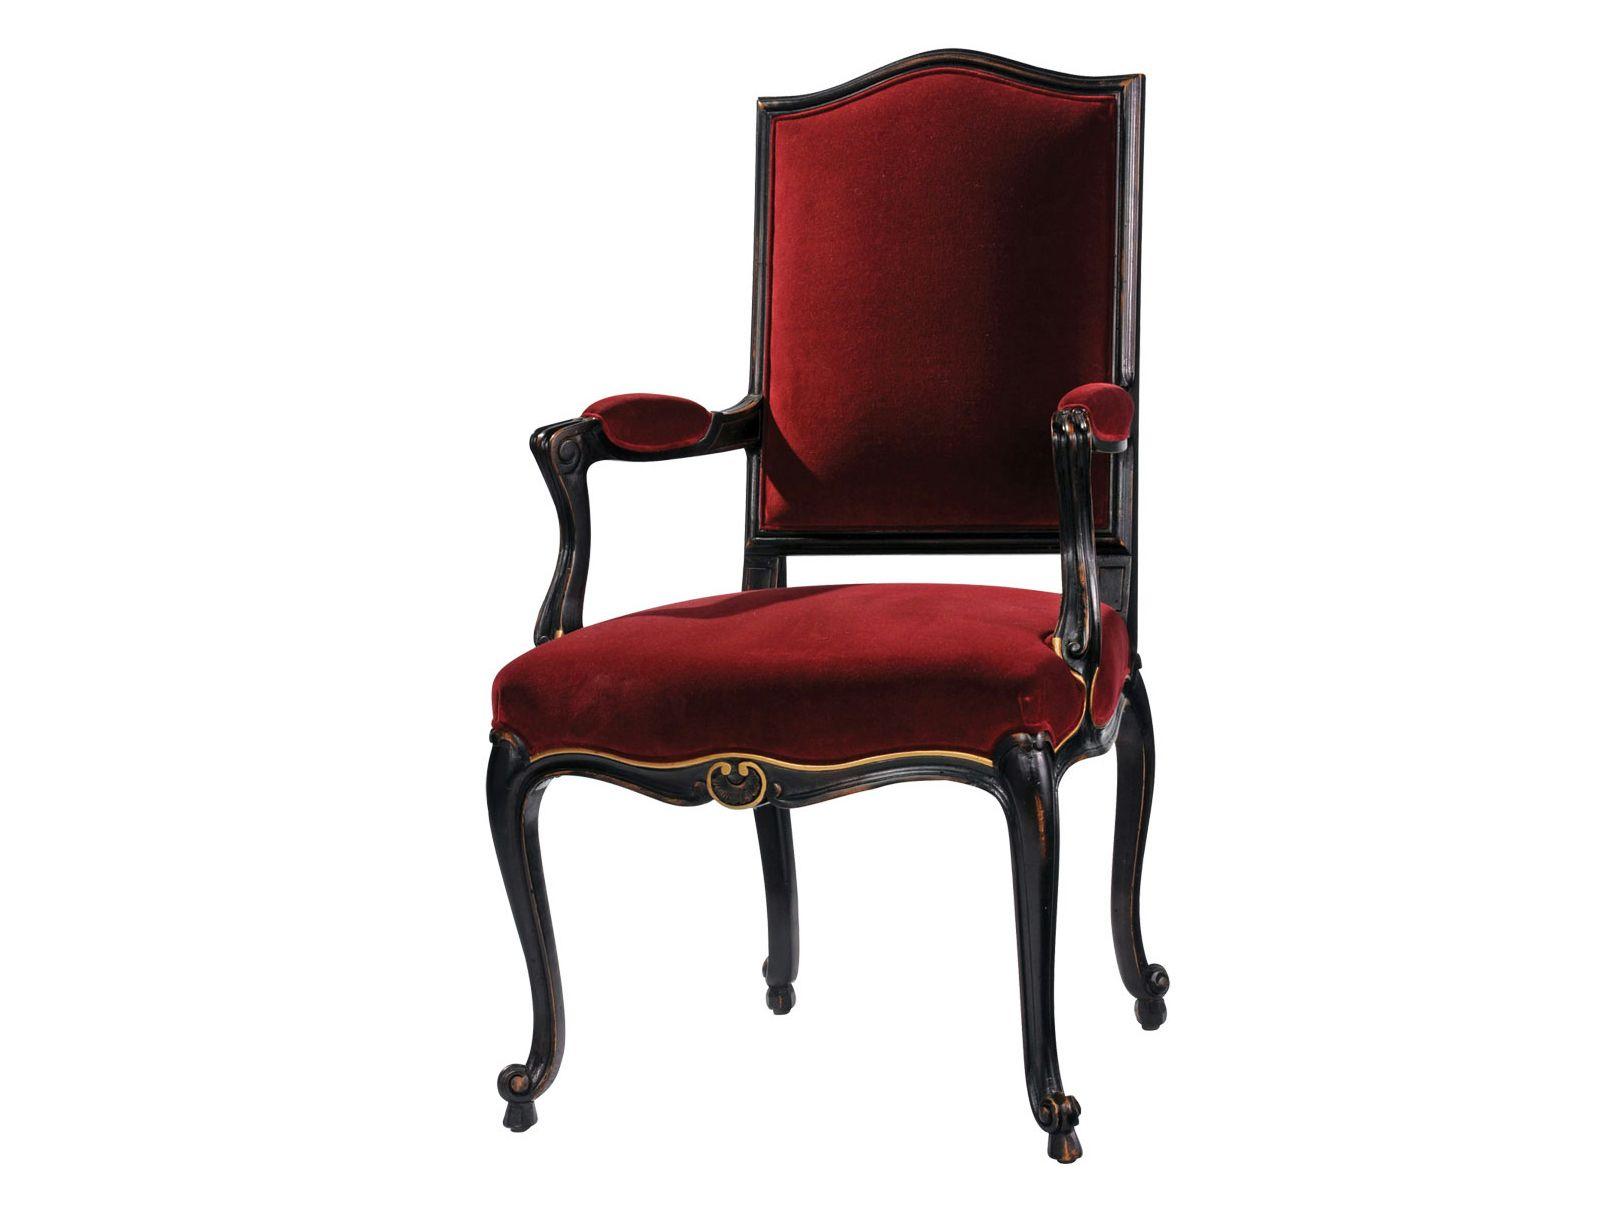 Chaise en h tre avec accoudoirs volutes collection for Chaise en hetre